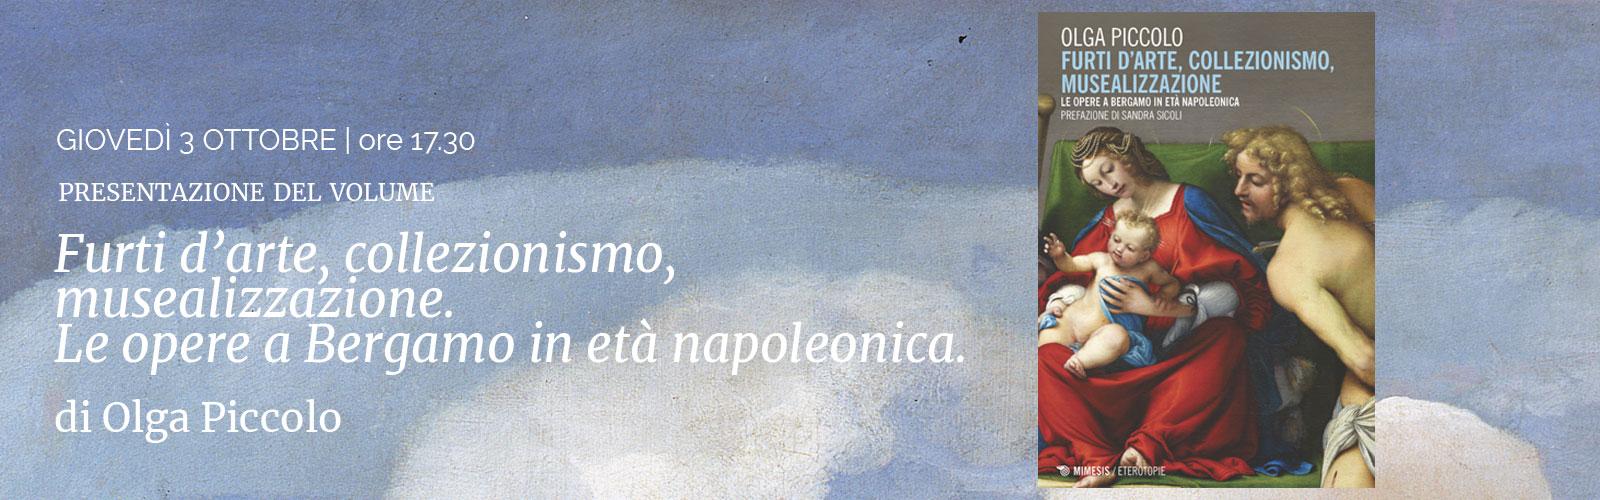 Furti d'arte, collezionismo, musealizzazione.<br> Le opere a Bergamo in età napoleonica.